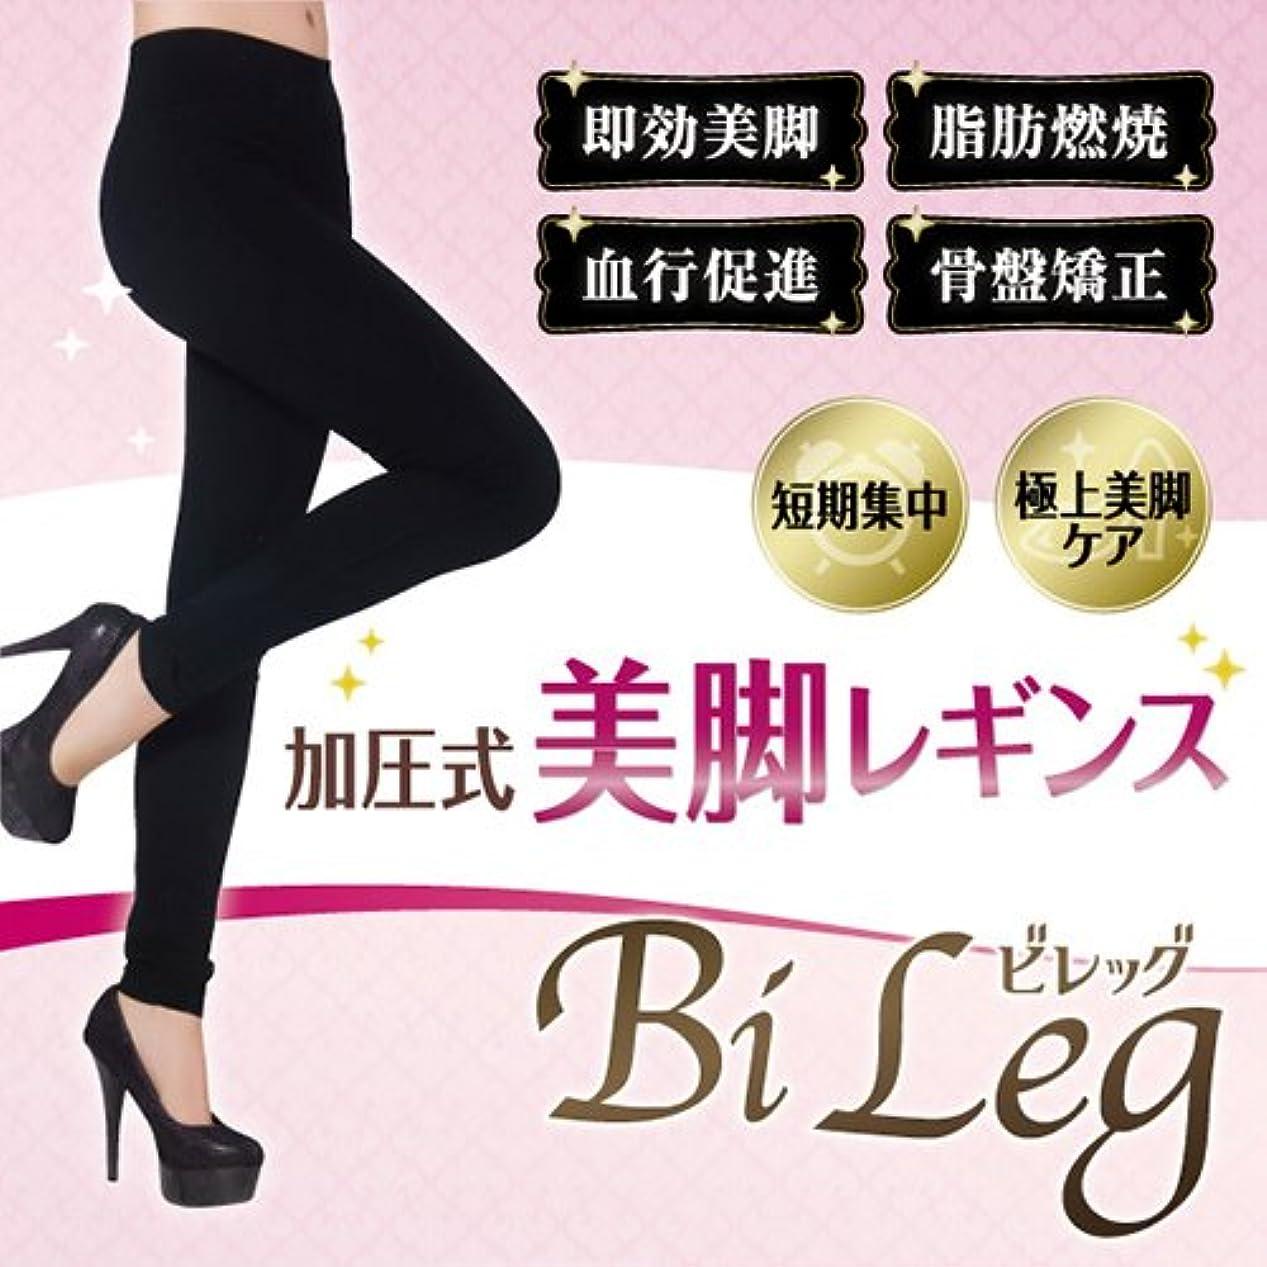 【送料無料3個セット】ビレッグ(Bi Leg) 着圧レギンス 着圧タイツ 骨盤矯正 美脚 脚痩せ